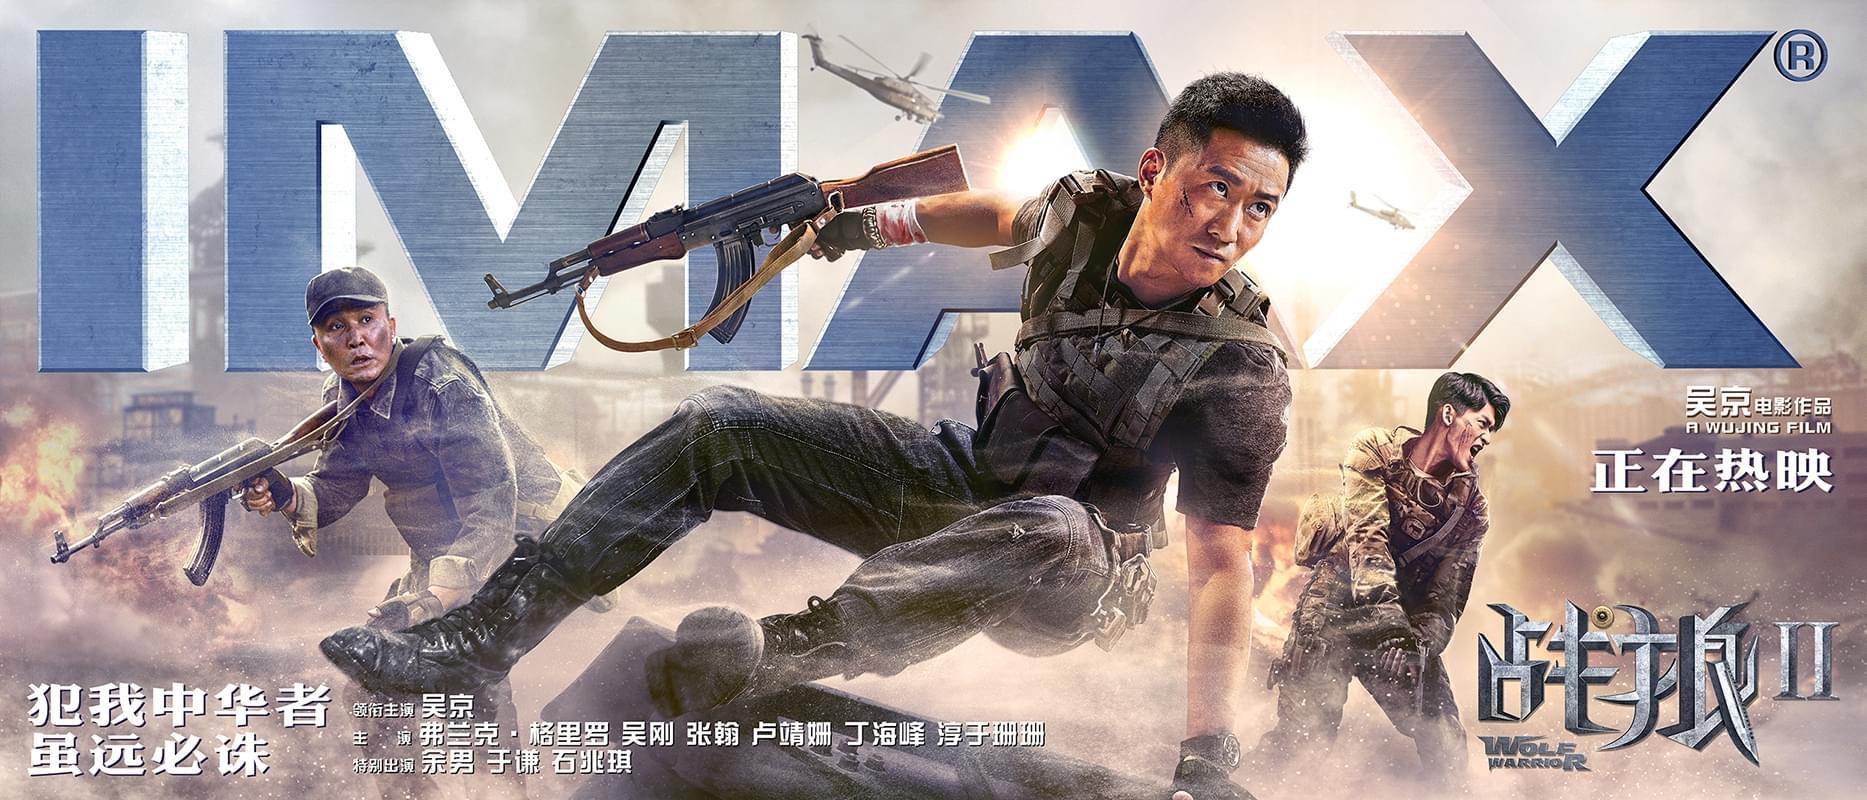 《战狼2》曝海报 IMAX首度映后推出巨幕版